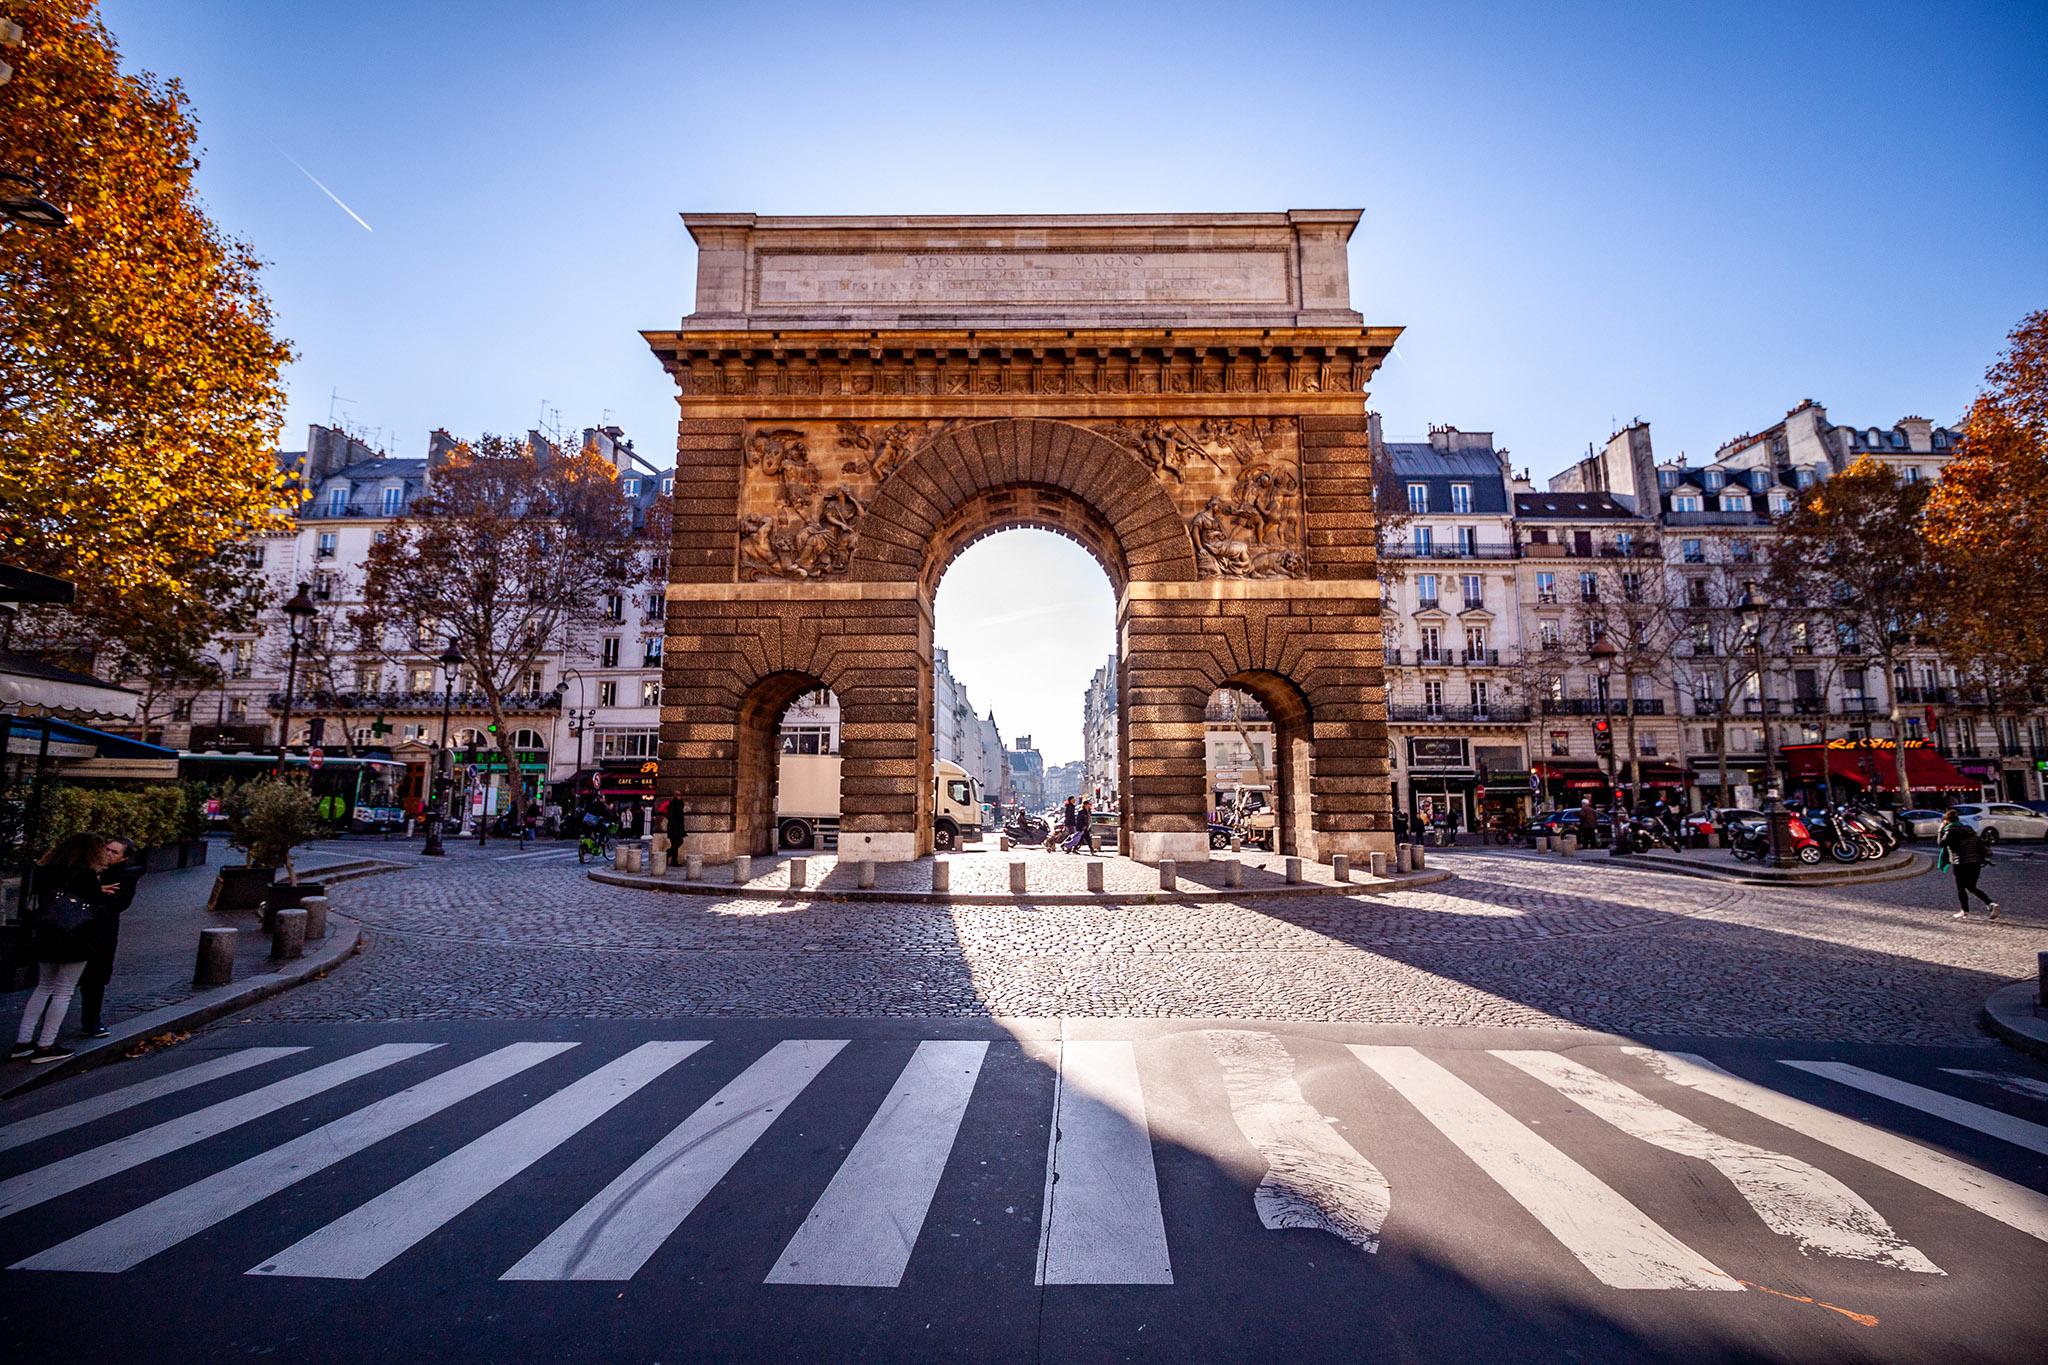 Porte saint martin (4)